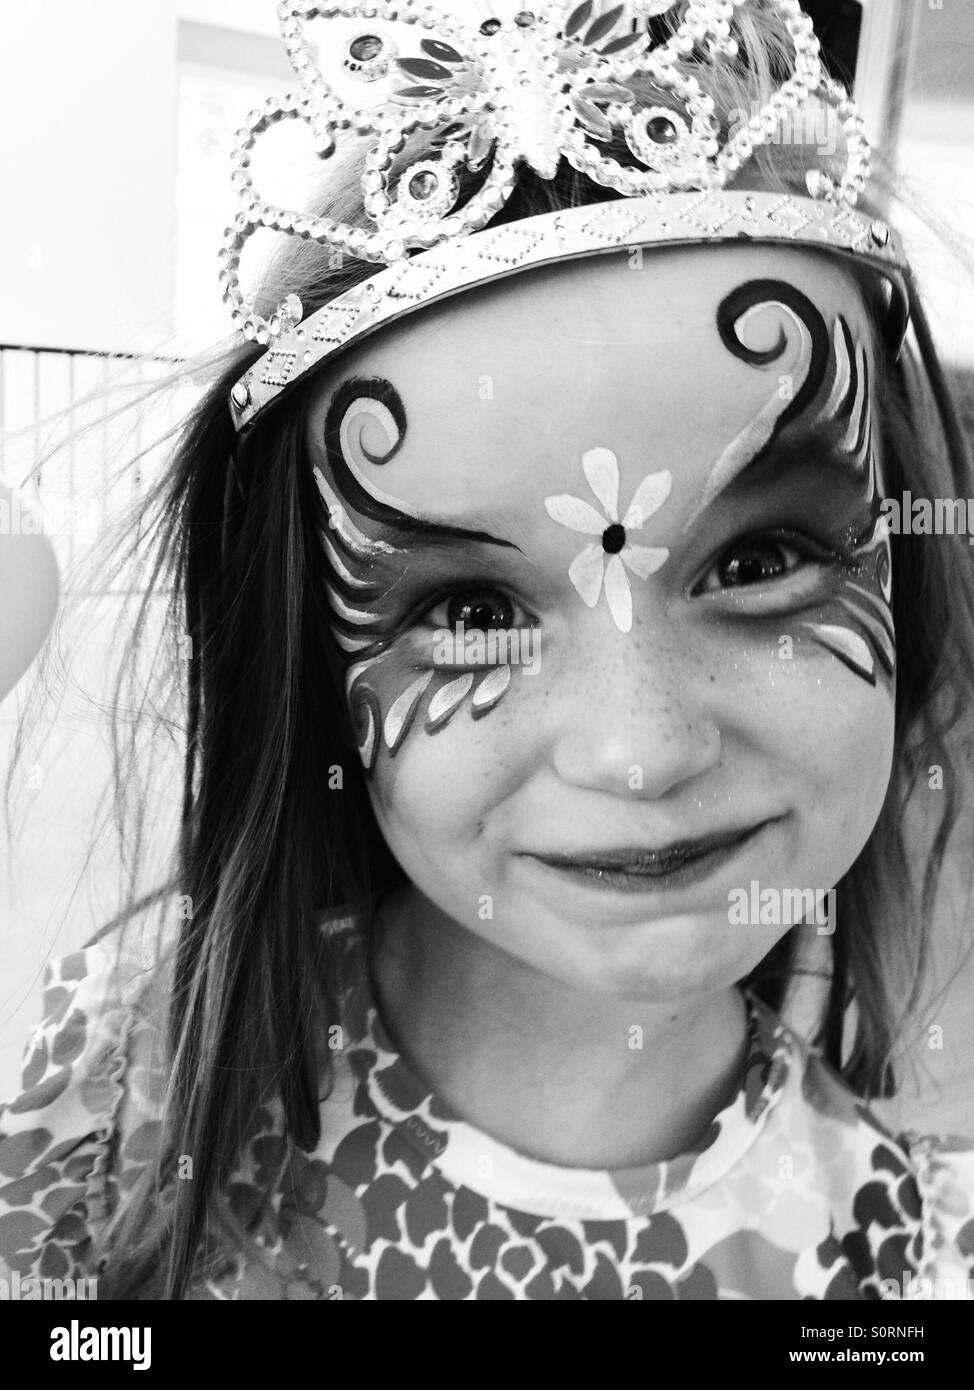 La ragazza con la faccia di vernice e tiara Immagini Stock